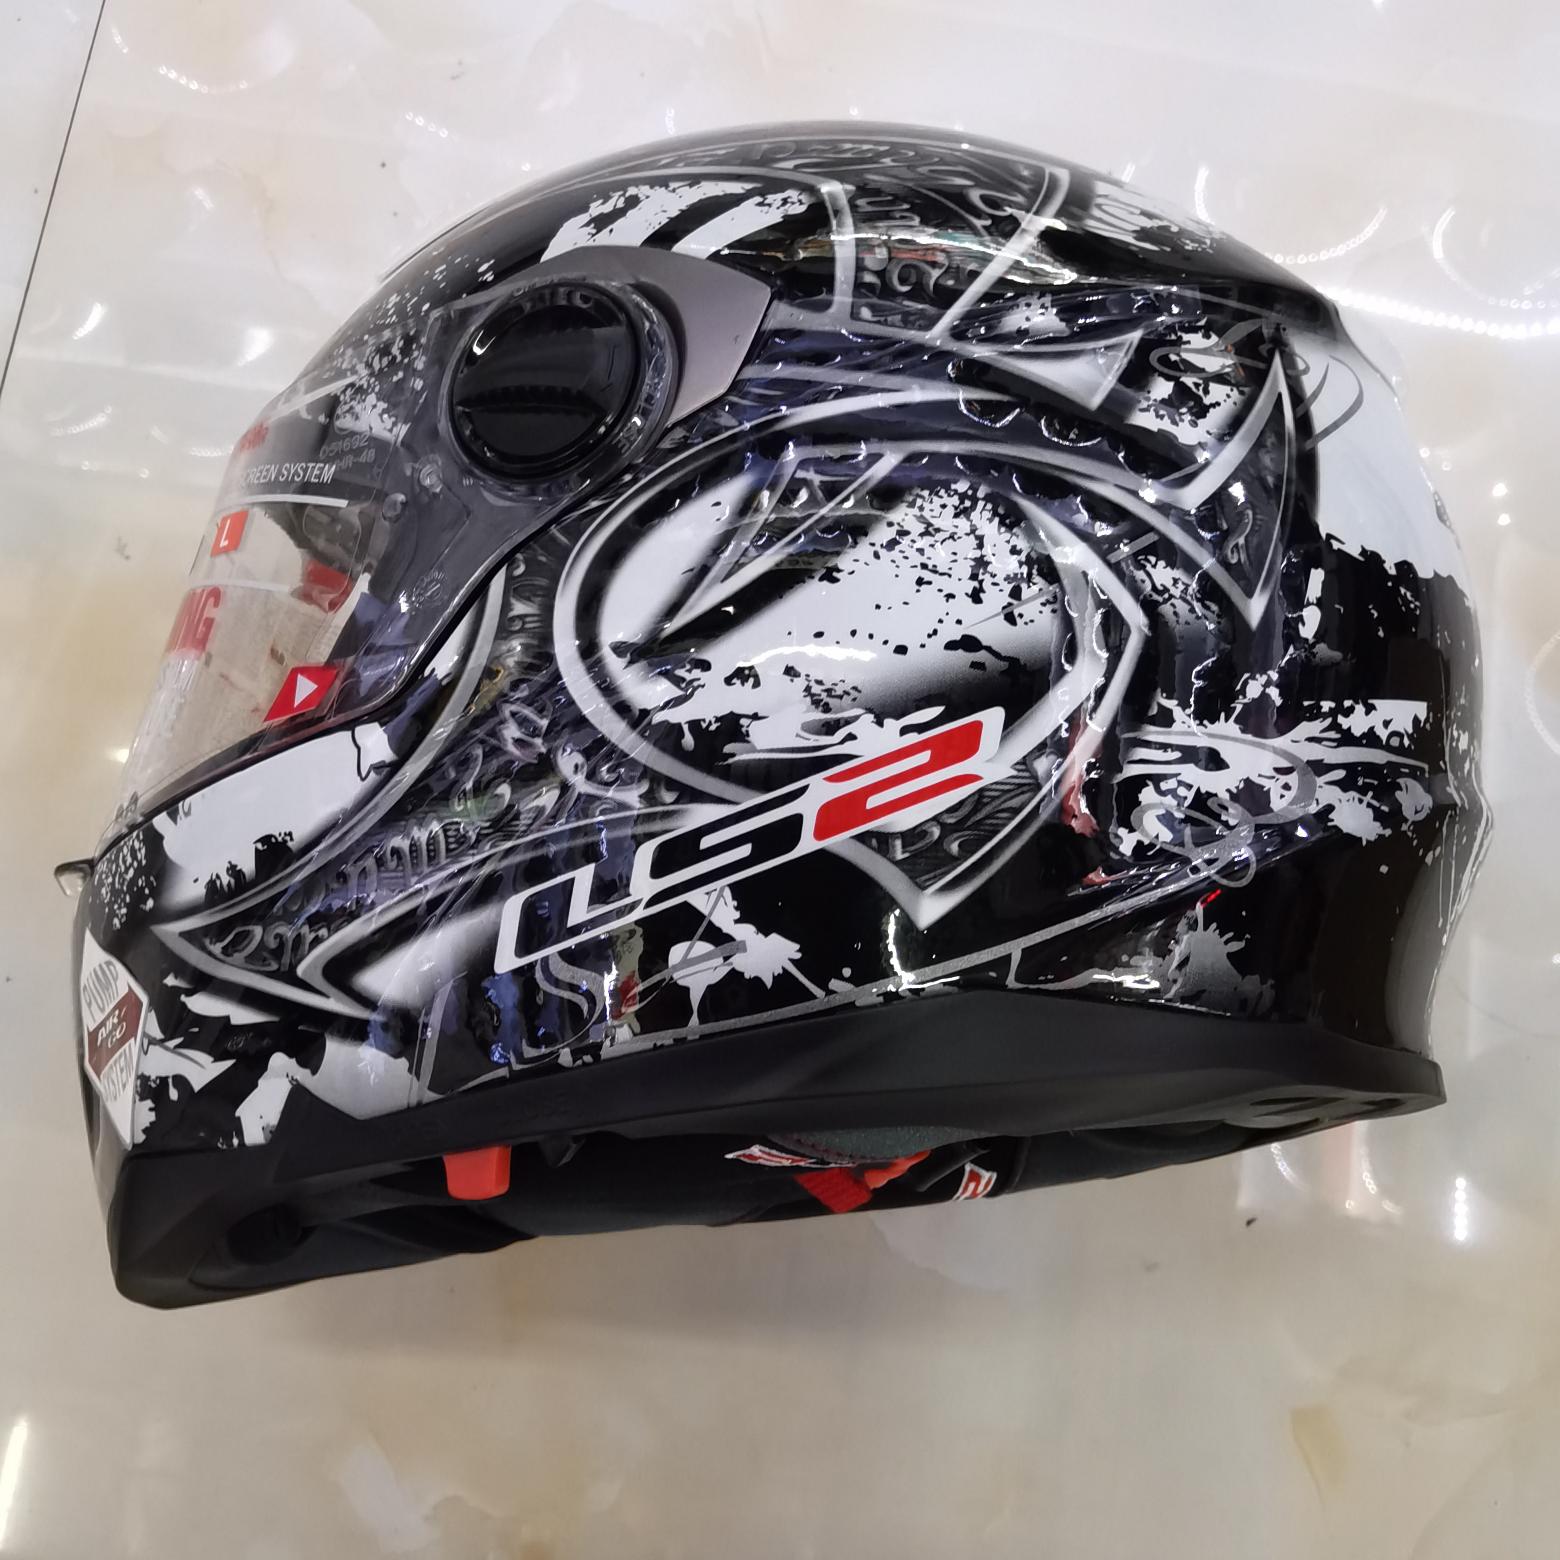 新款摩托车安全头盔机车电动车骑行专用头盔男女款跑盔防水透气轻便保暖四季款全覆式安全头盔